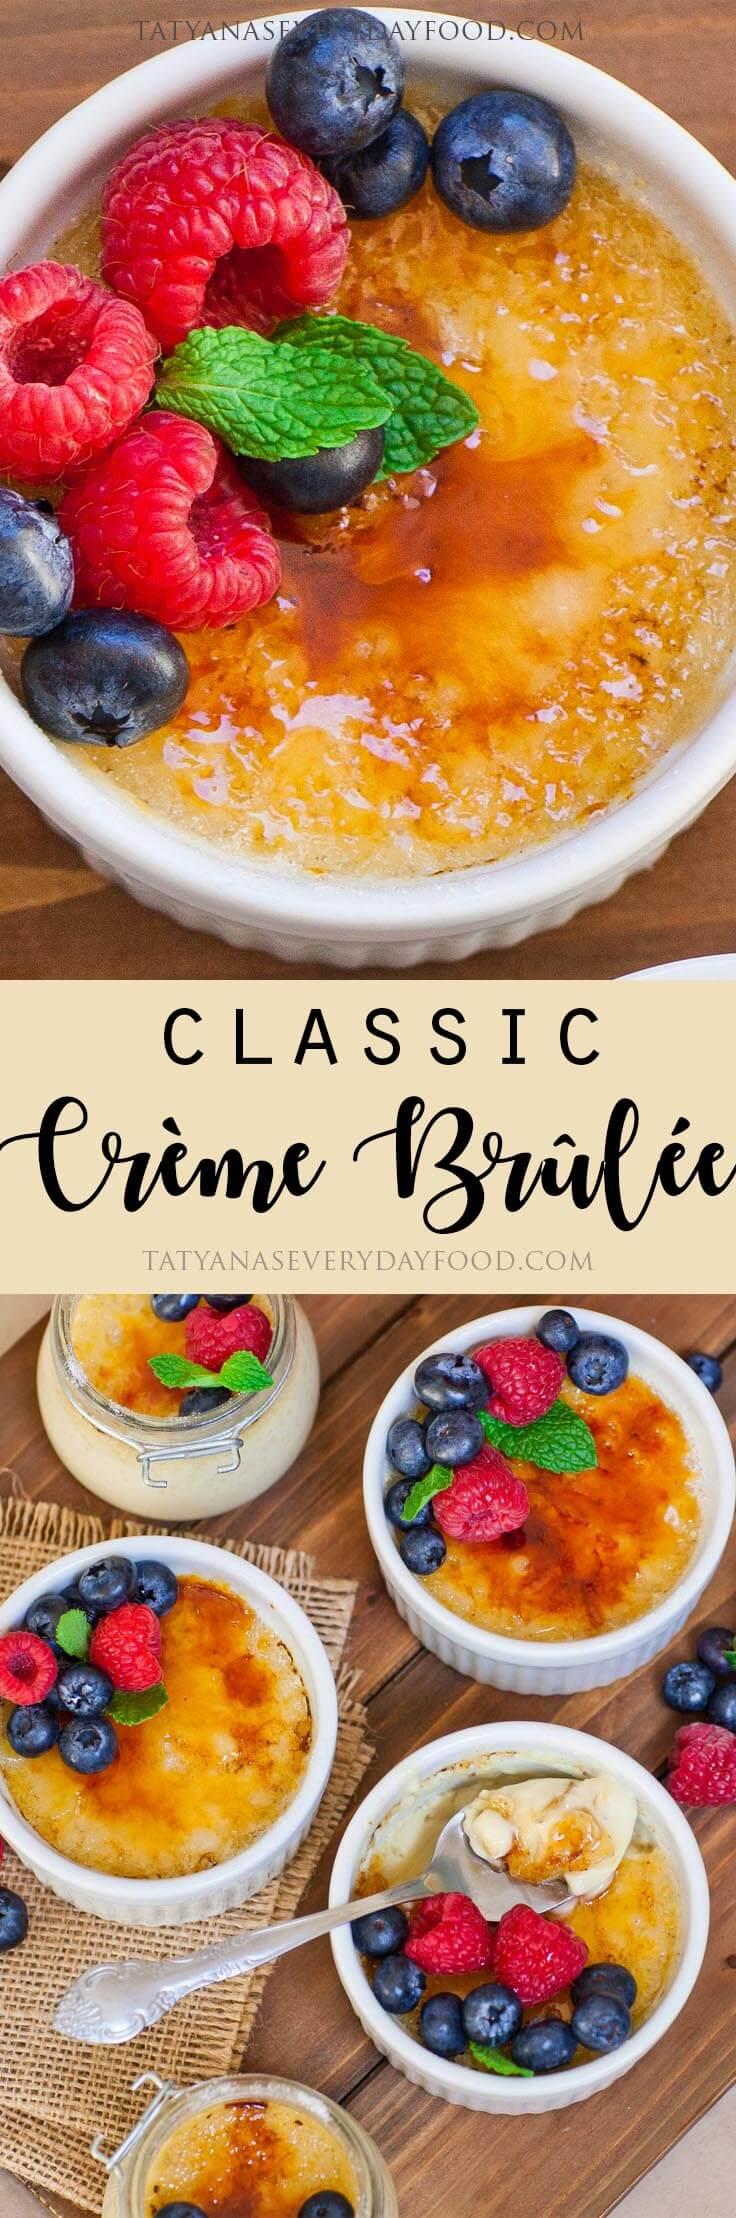 Classic Creme Brulee video recipe